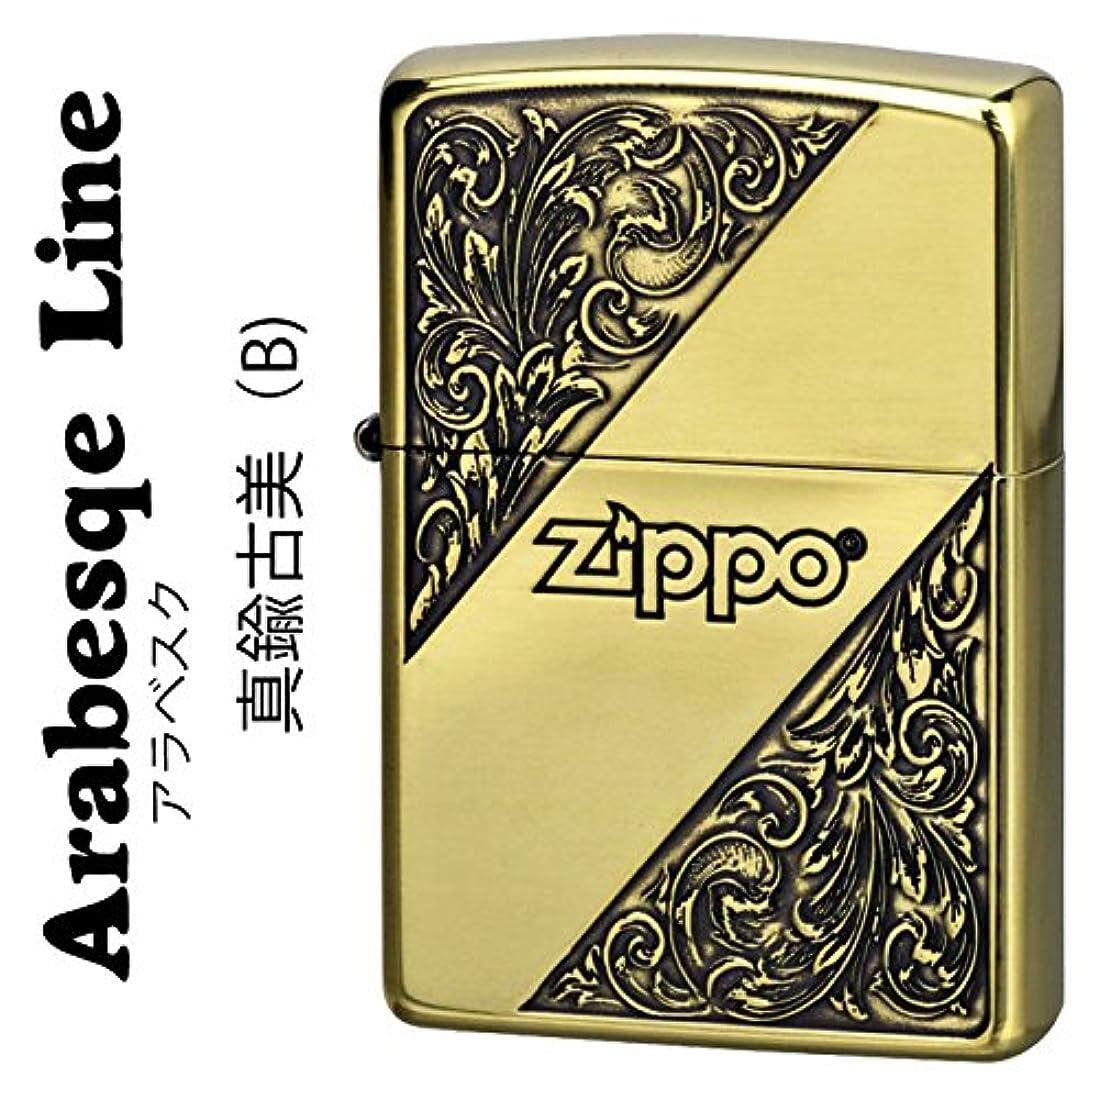 放散するむき出し男らしい【ZIPPO】 ジッポーライター オイル ライター アラベスクライン B 真鍮古美